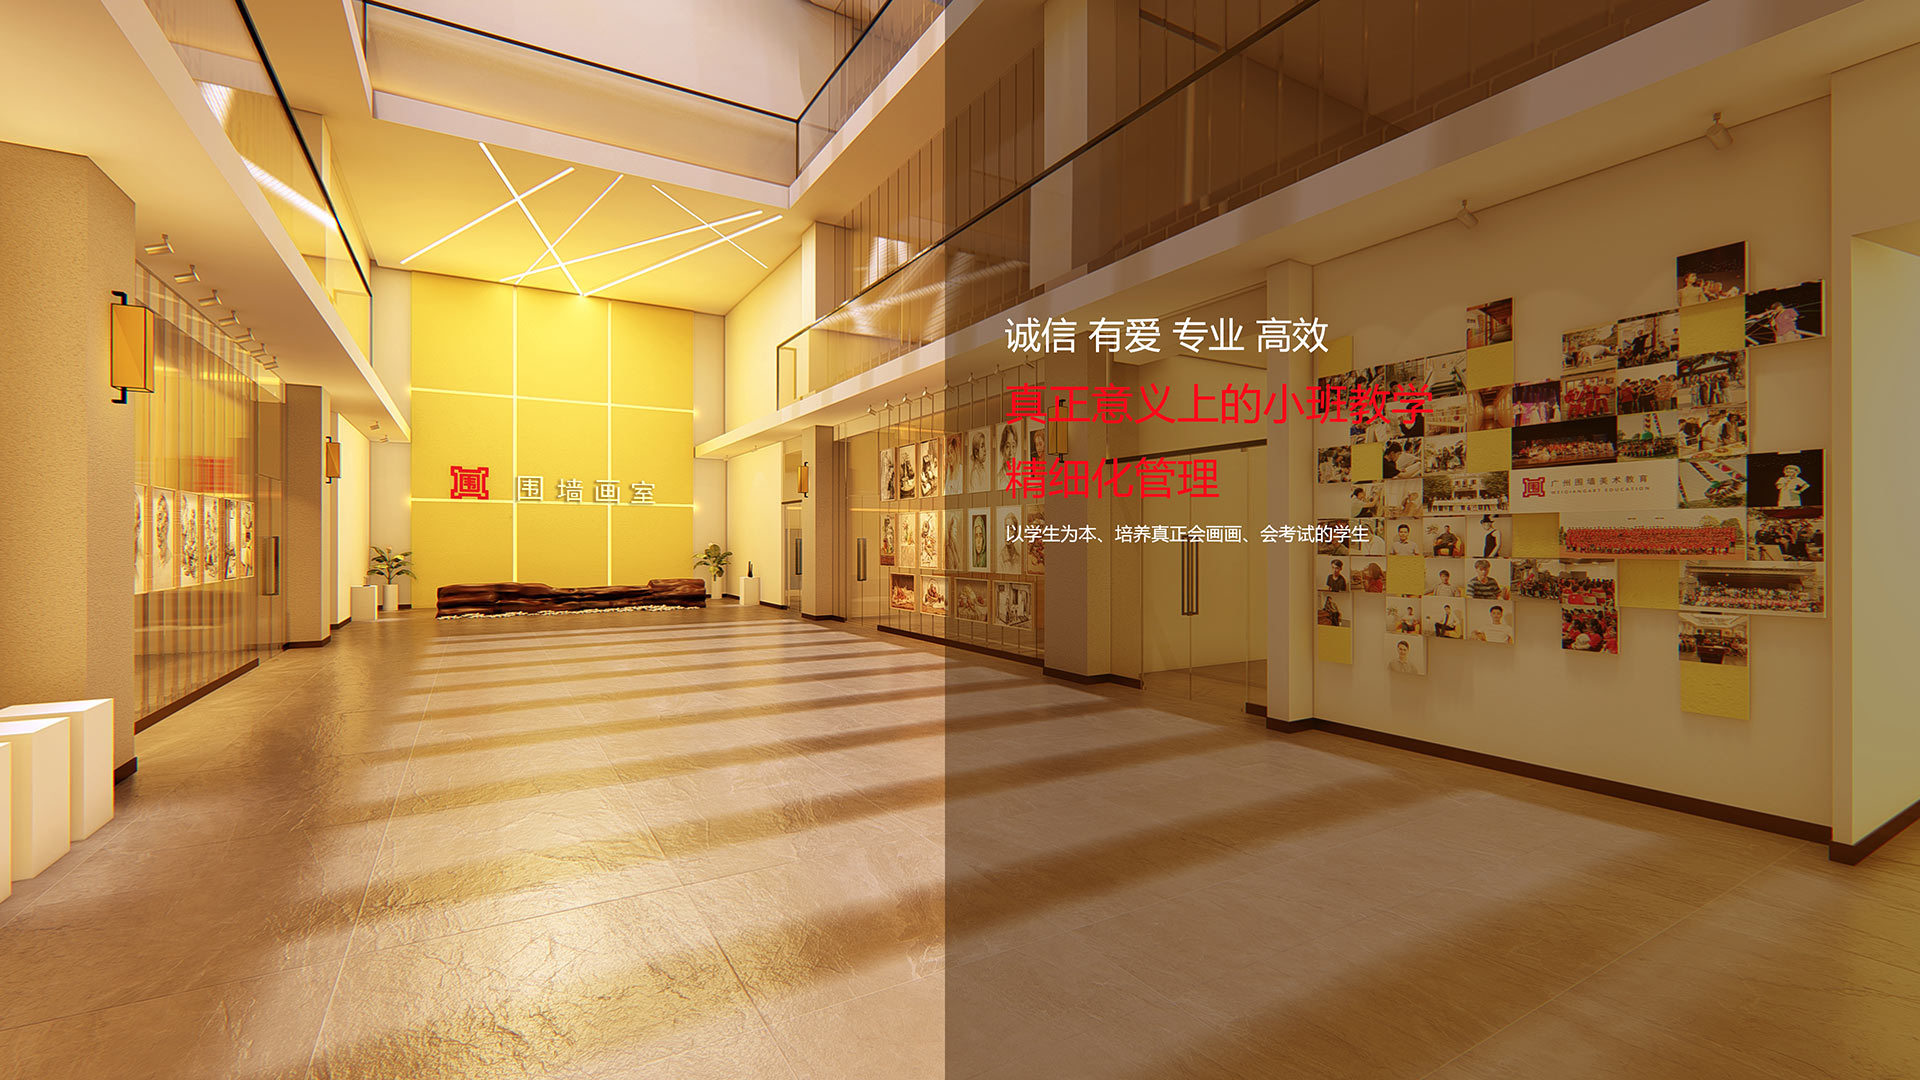 广州艺考画室,广州美术培训画室,广州画室集训